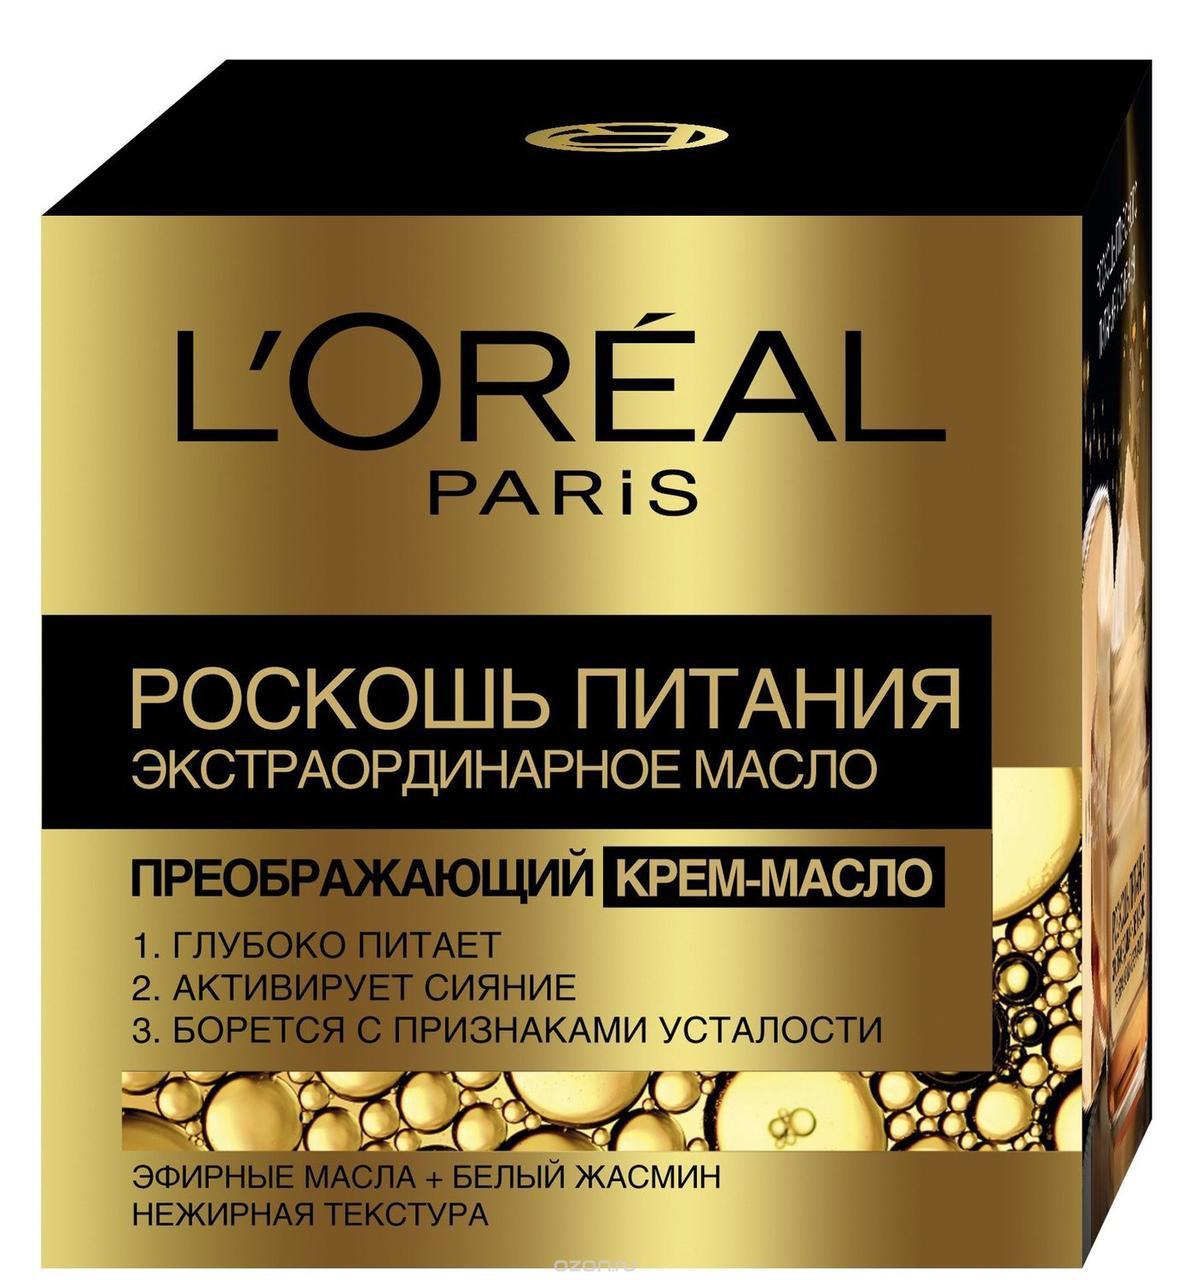 L'Оreal - Крем-масло «Роскошь питания», 200 грн